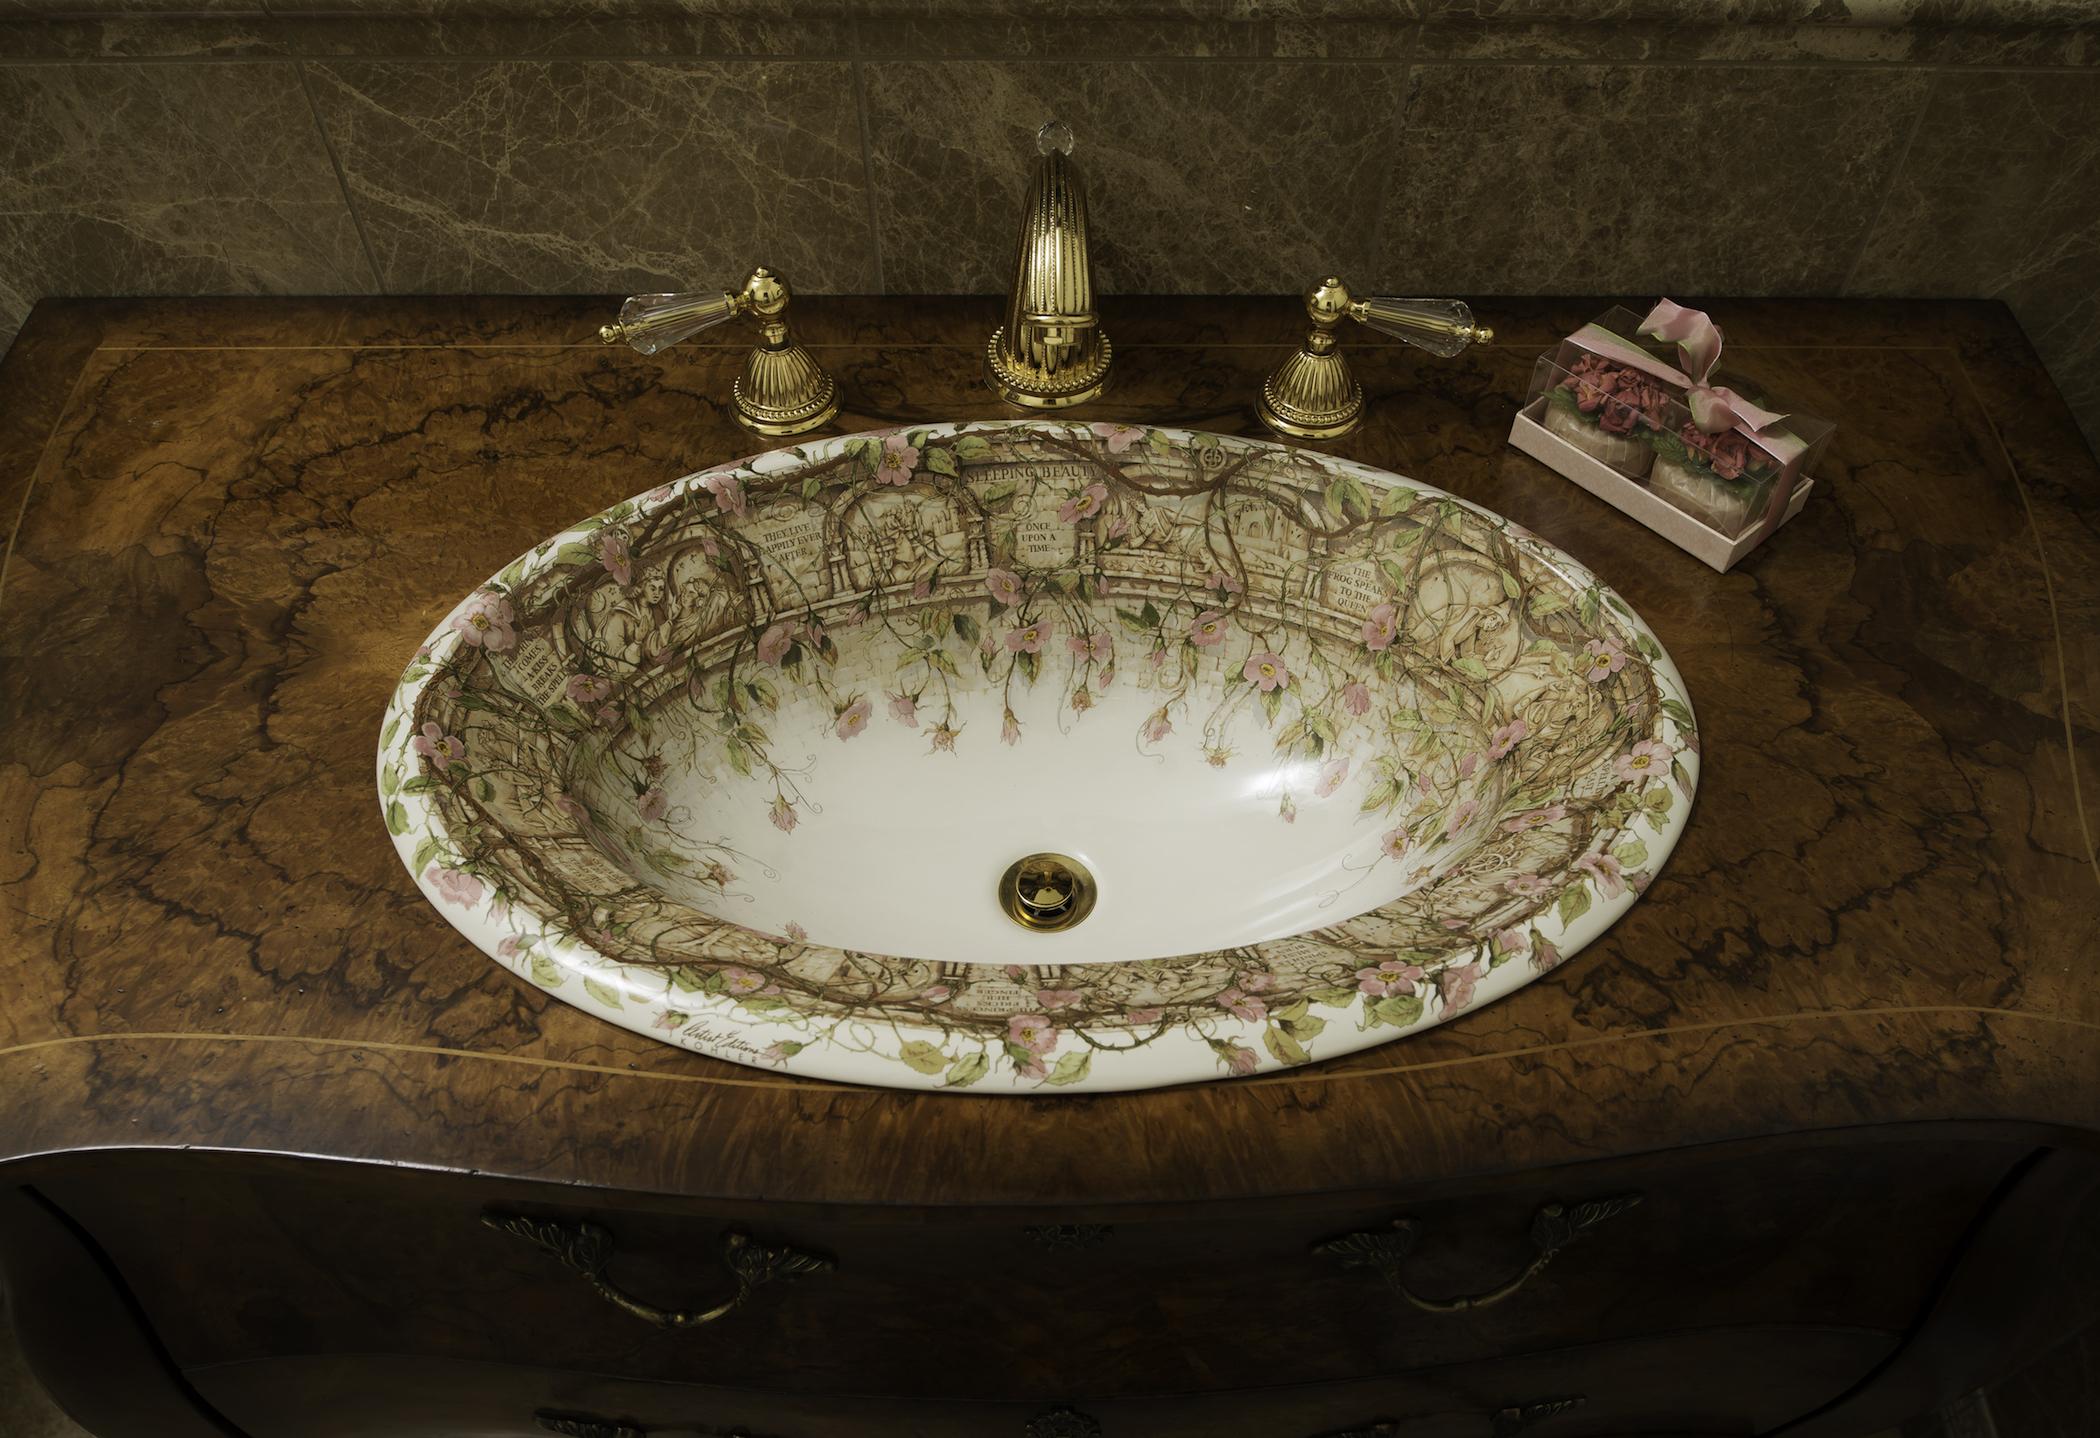 Rose Sink Bowl